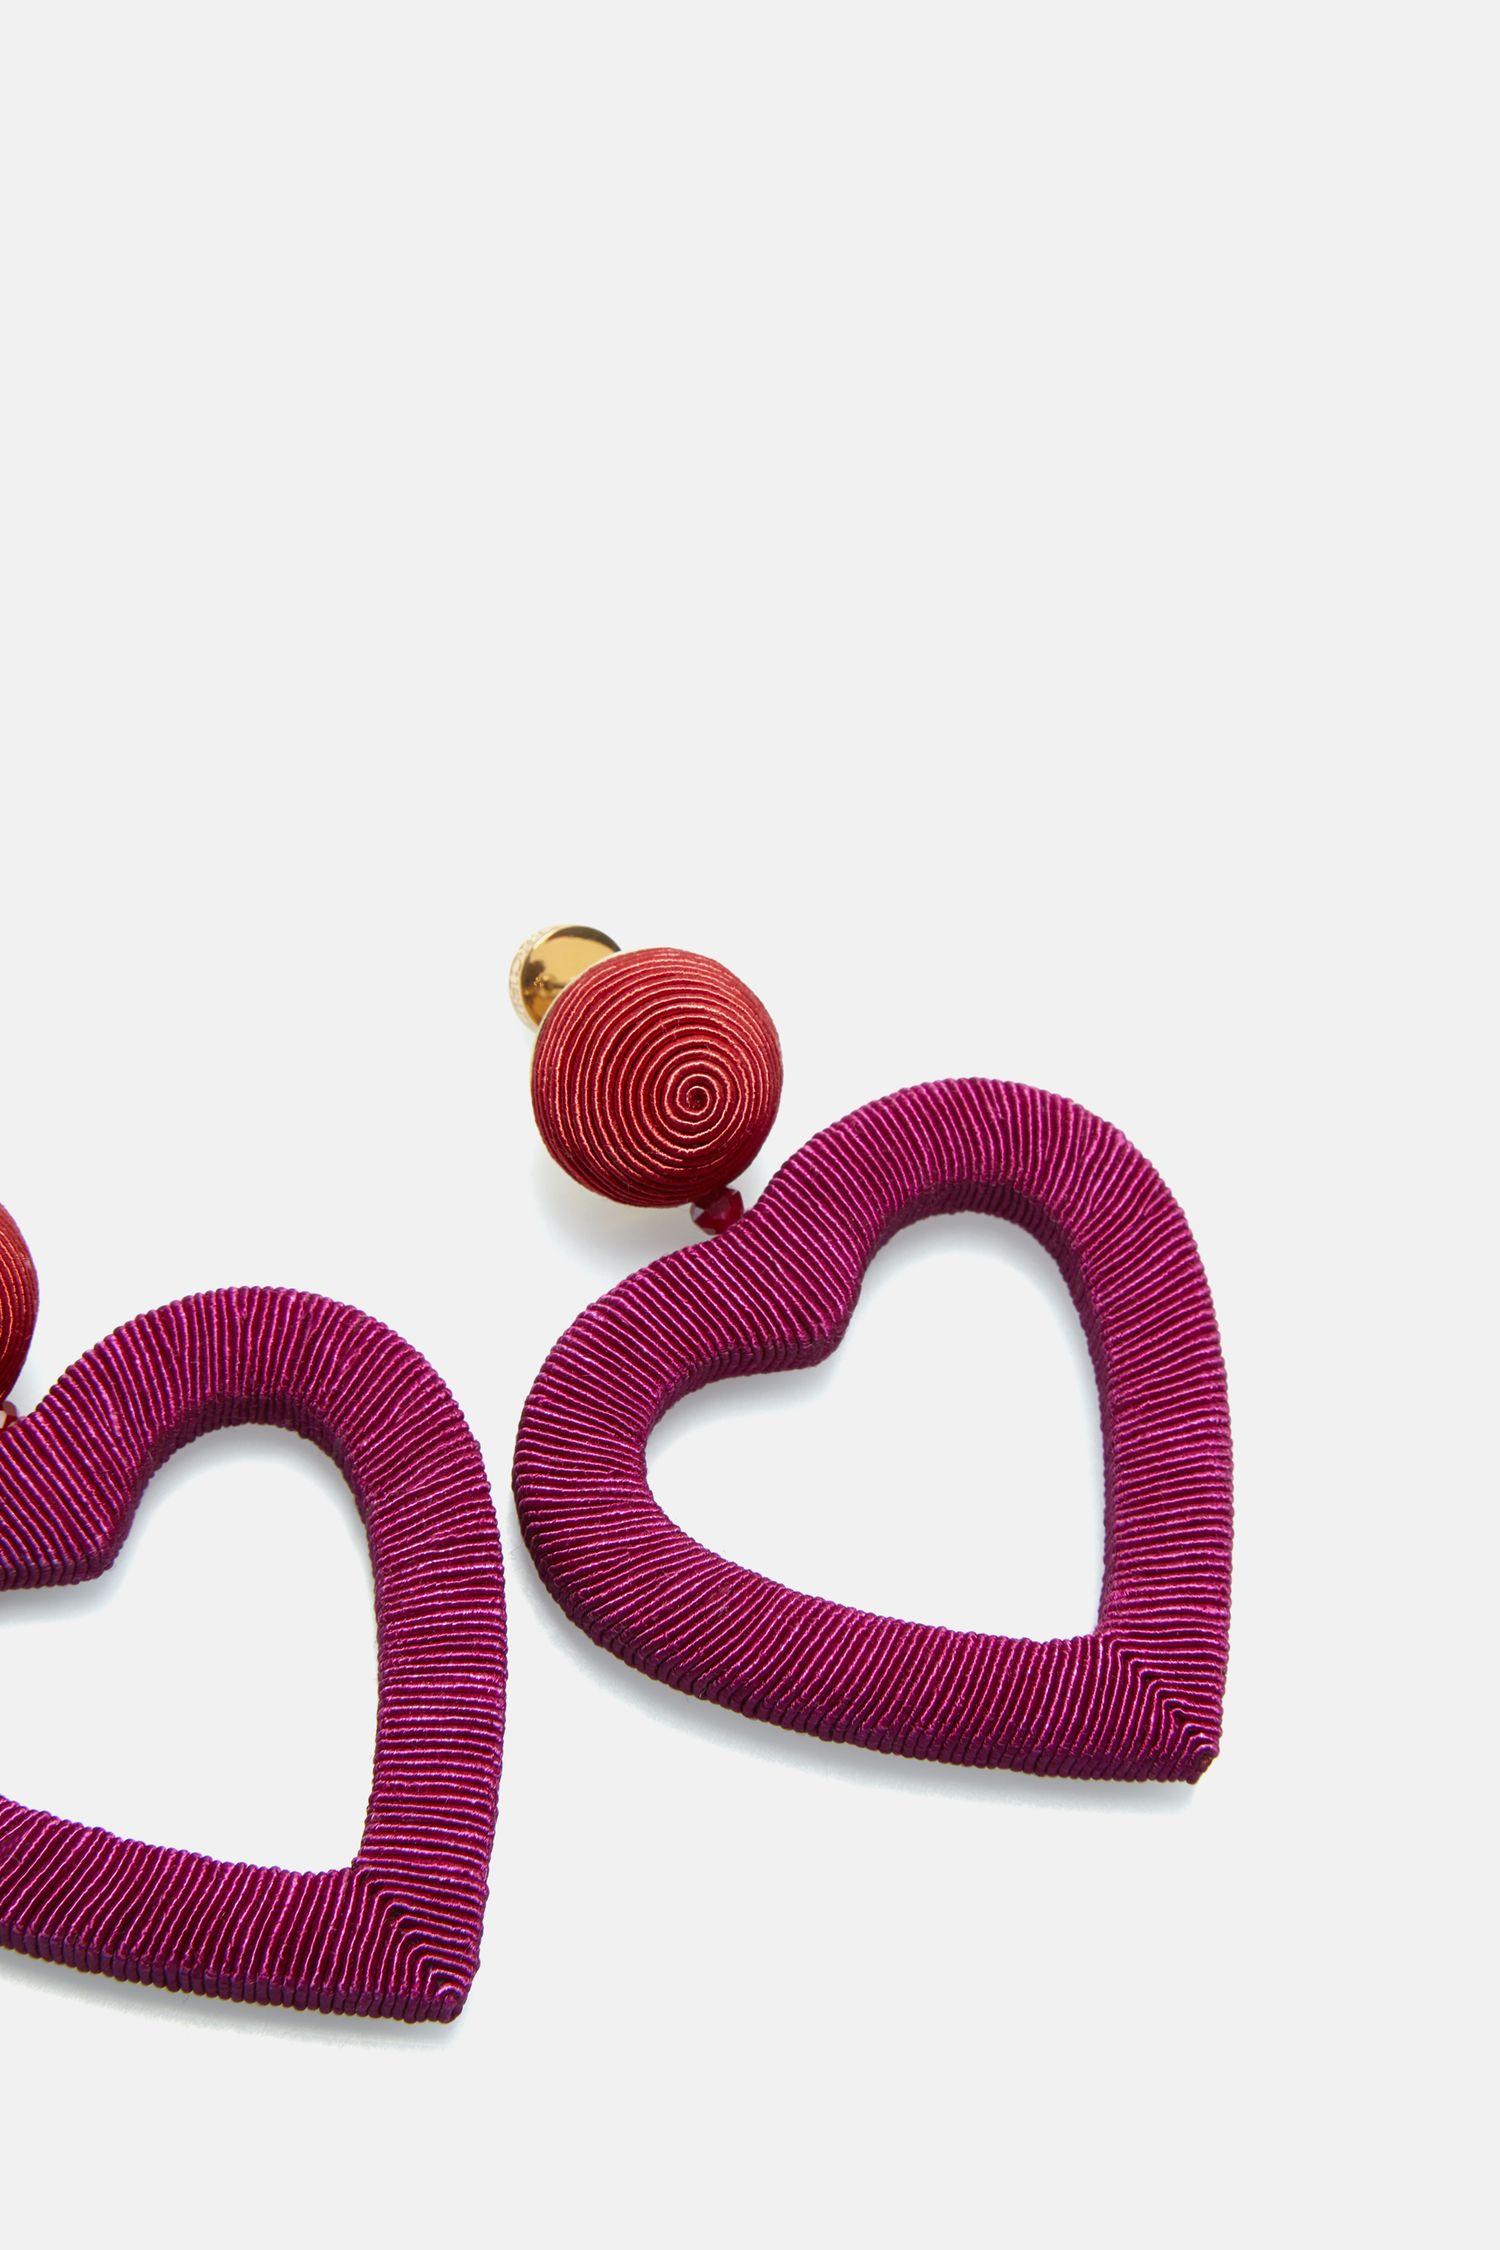 Monaco heart earrings